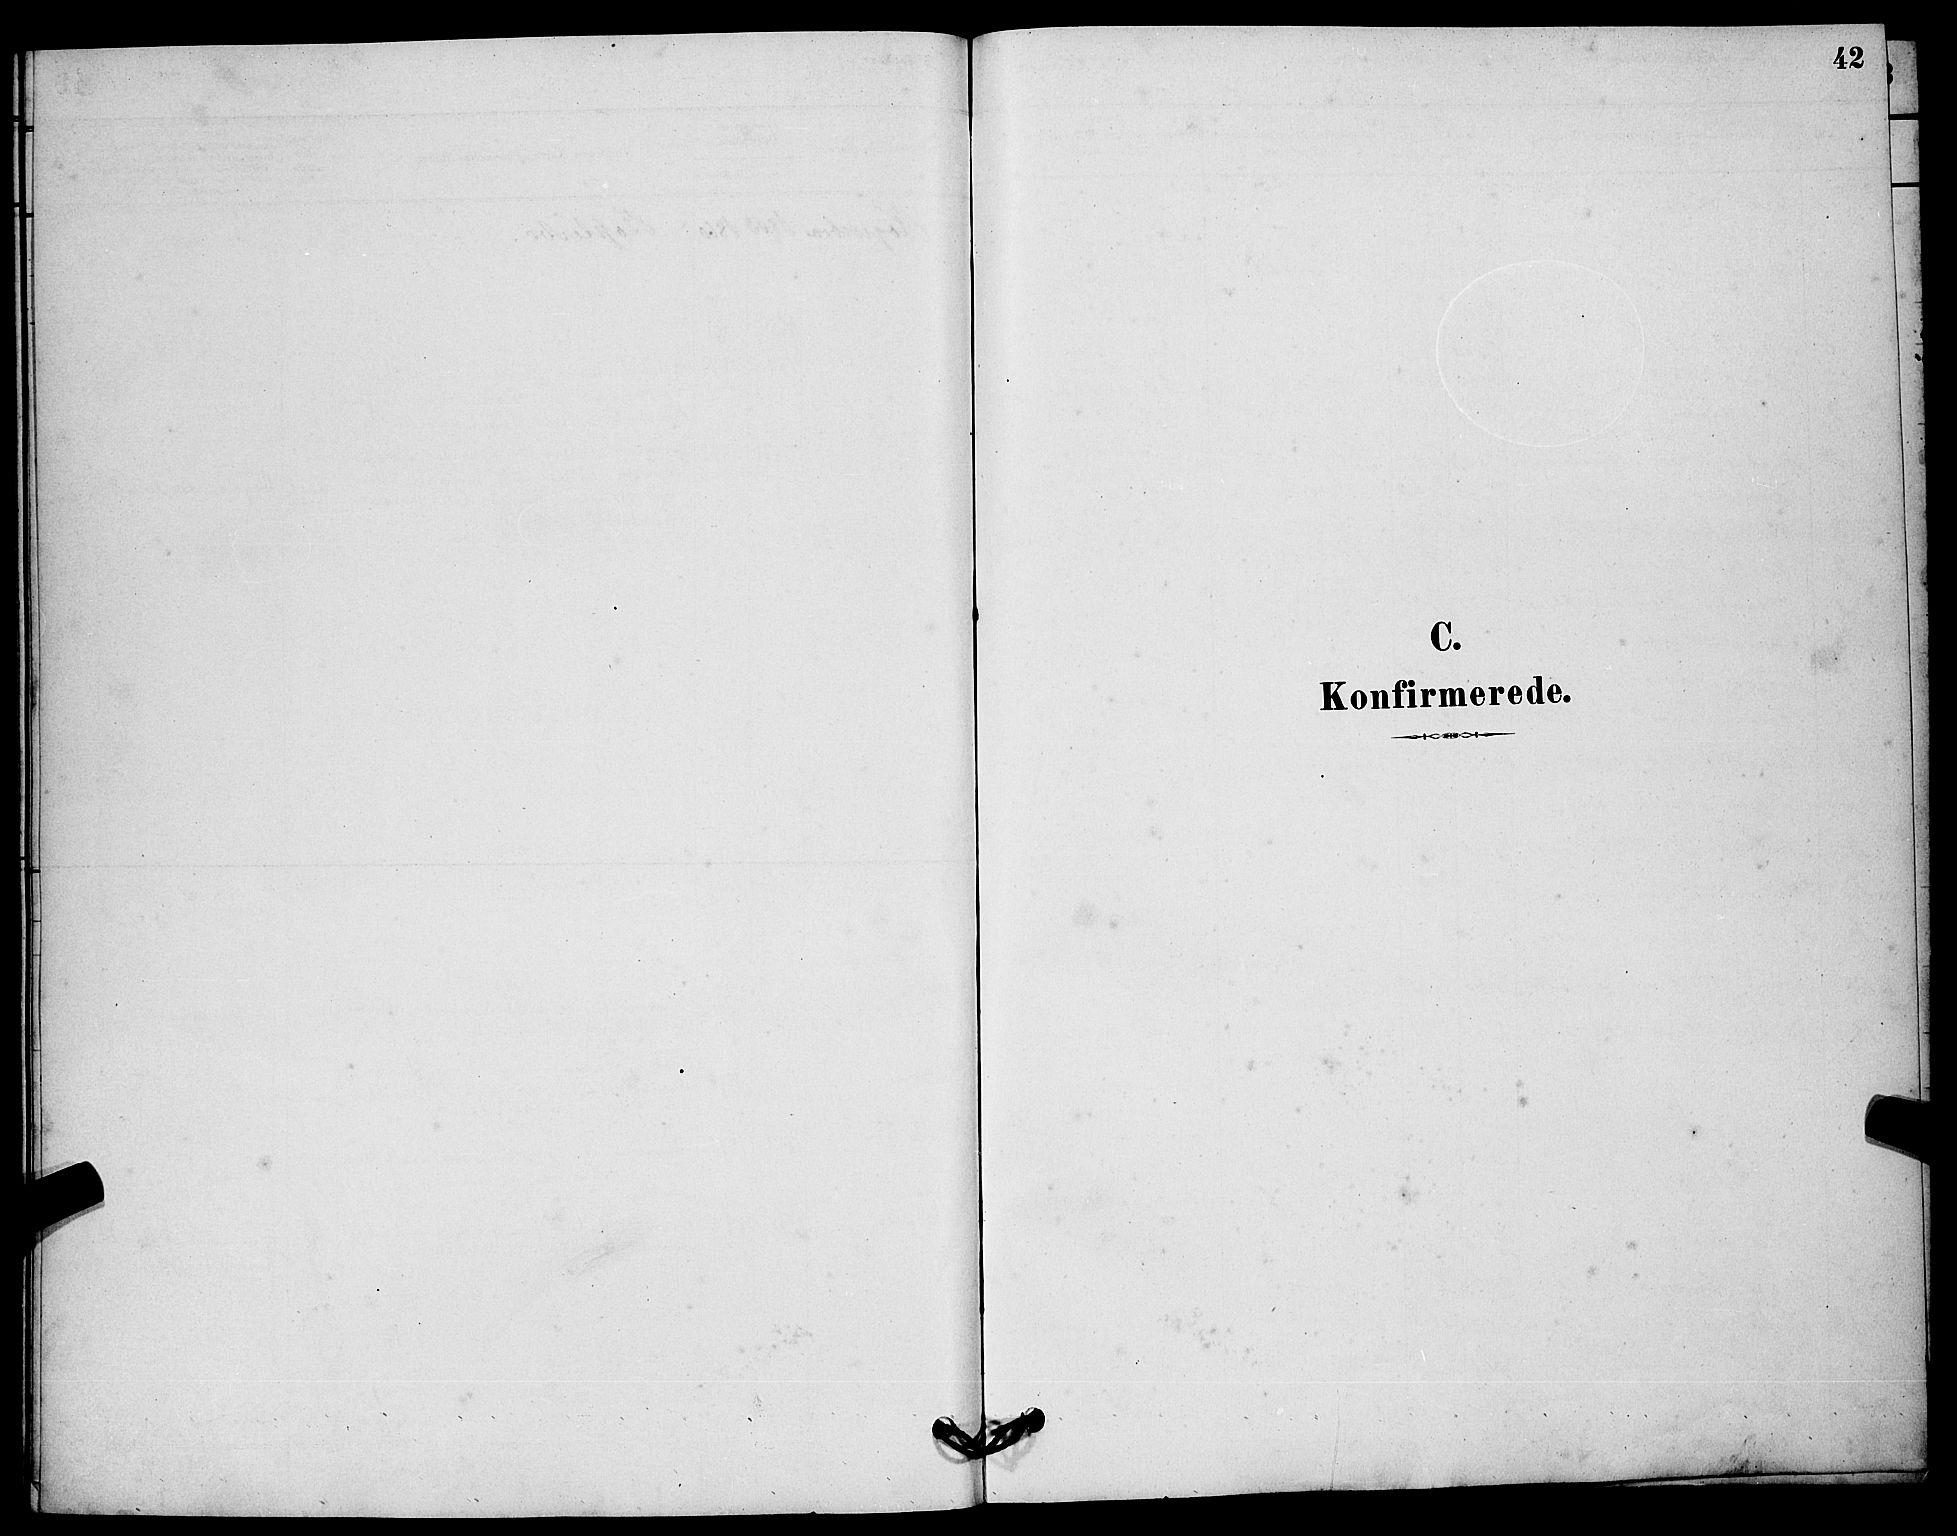 SAKO, Solum kirkebøker, G/Gc/L0001: Klokkerbok nr. III 1, 1880-1902, s. 42